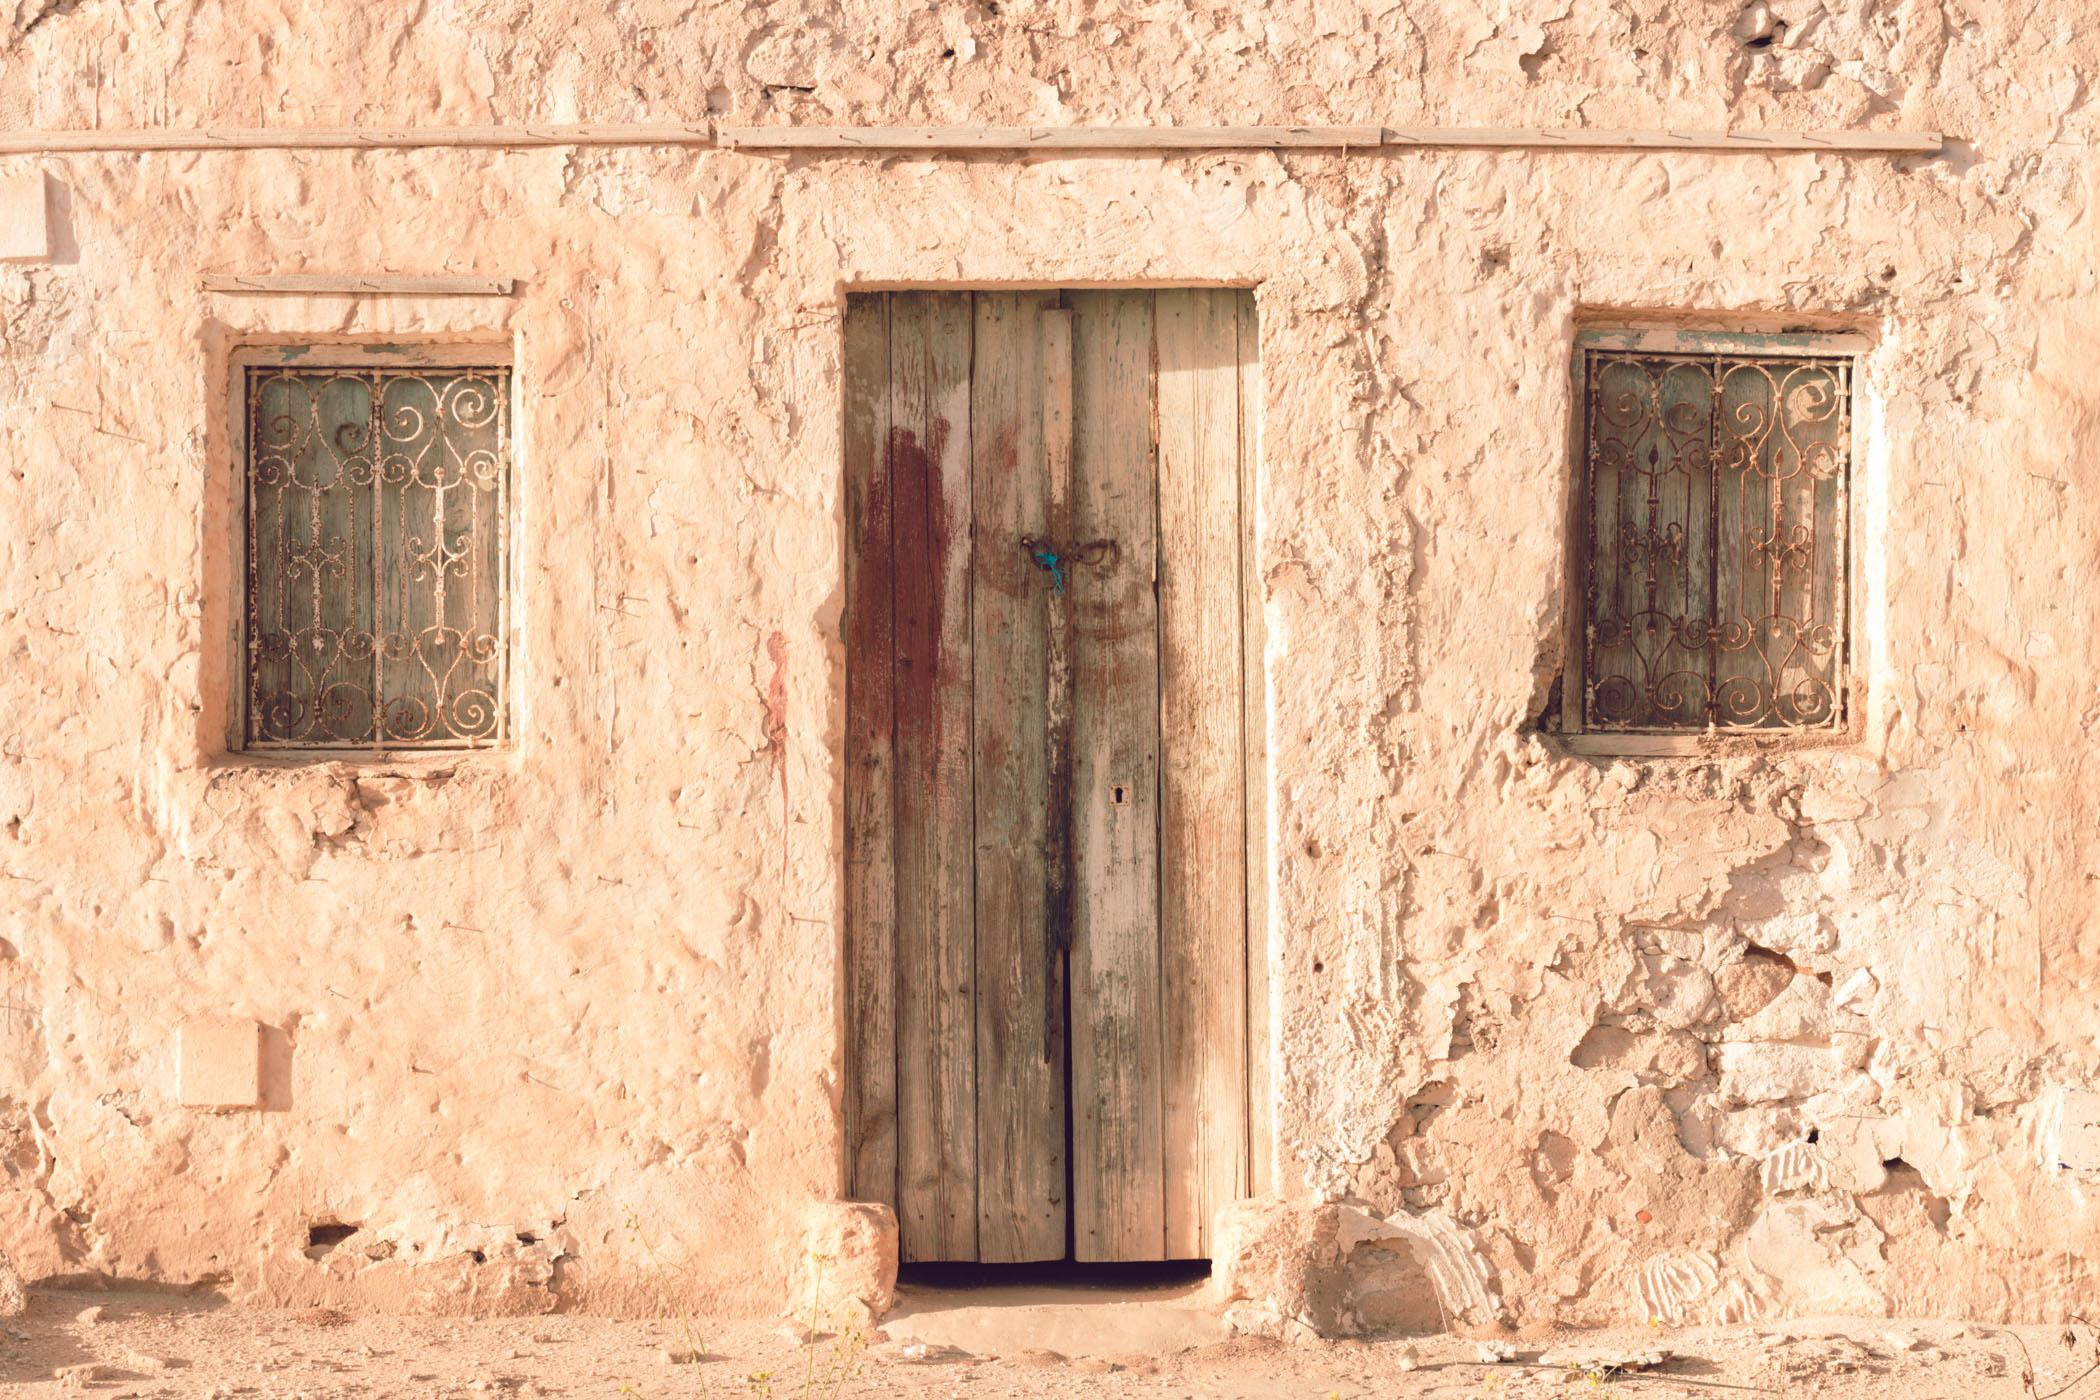 Tunisie-Djerba-une-invitation-au-voyage-entre-mythe-et-réalité_LaMarieeSousLesEtoiles_Credit-Louisa-Khalfa-Elfki